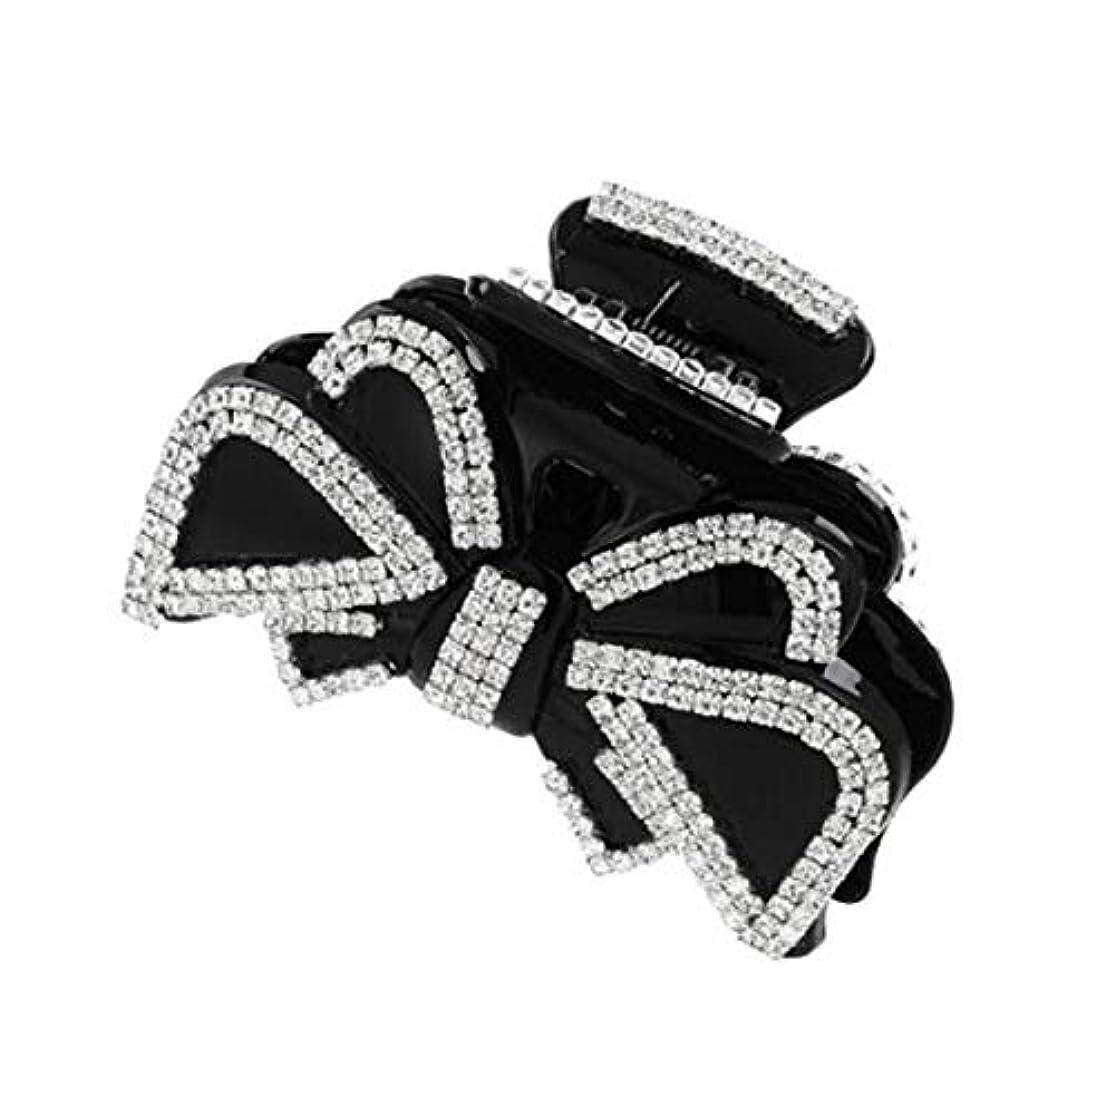 リップ反応するクラシカルヘアクリップ、ヘアピン、ヘアグリップ、ヘアグリップ、ヘッドウェアボウヘアクリップラージグリップクリップヘアクリップヘアクリップヘアピンヘアピン大人用帽子 (Color : White, Size : 8.8*4.5cm)